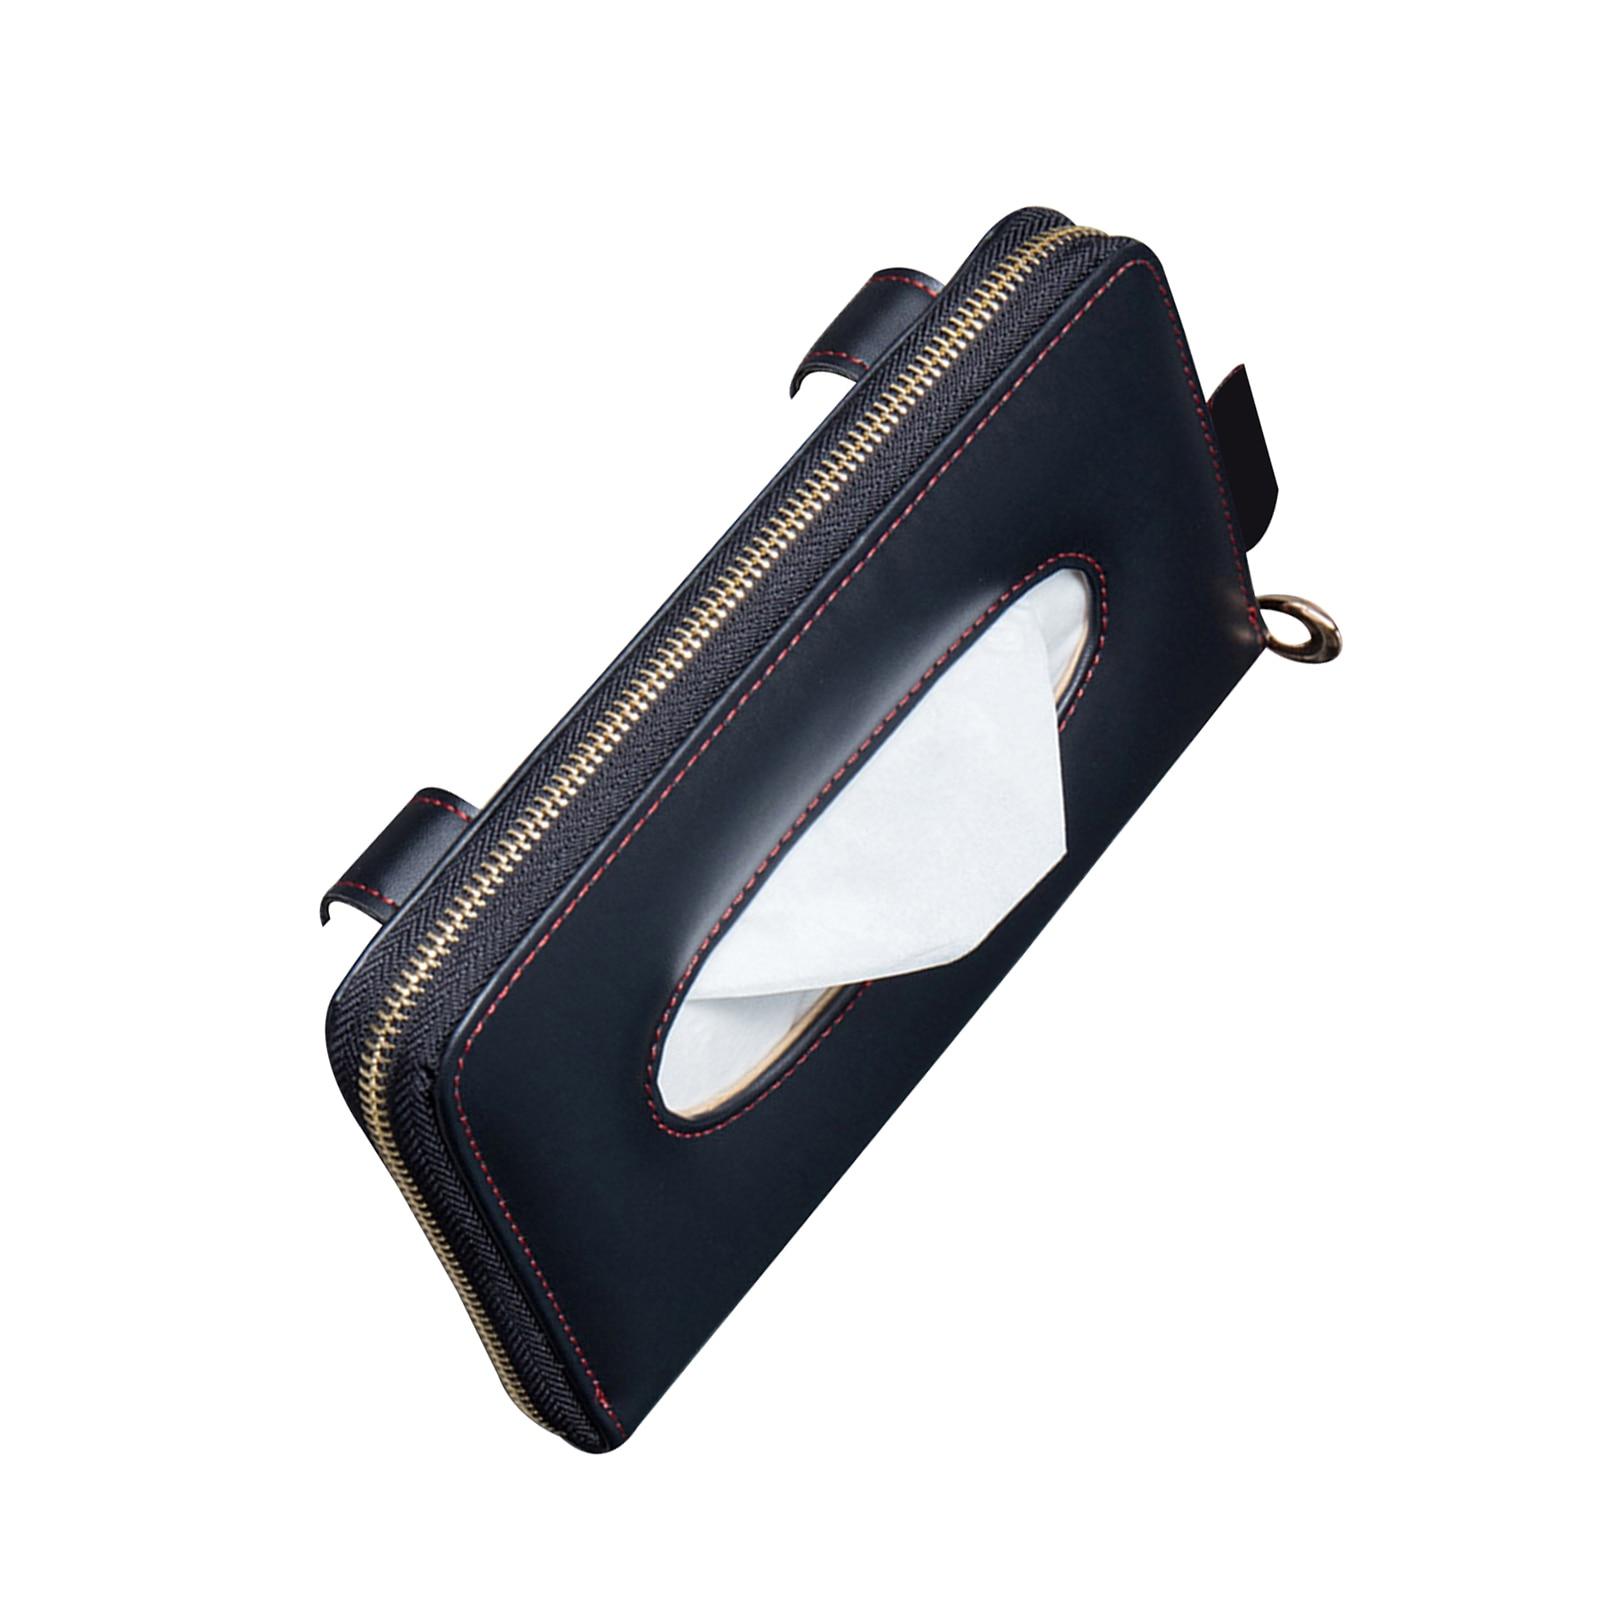 Caixa de tecido do carro teto solar pendurado caixa de papelão criativo sol viseira assento de volta suporte de caixa de tecido